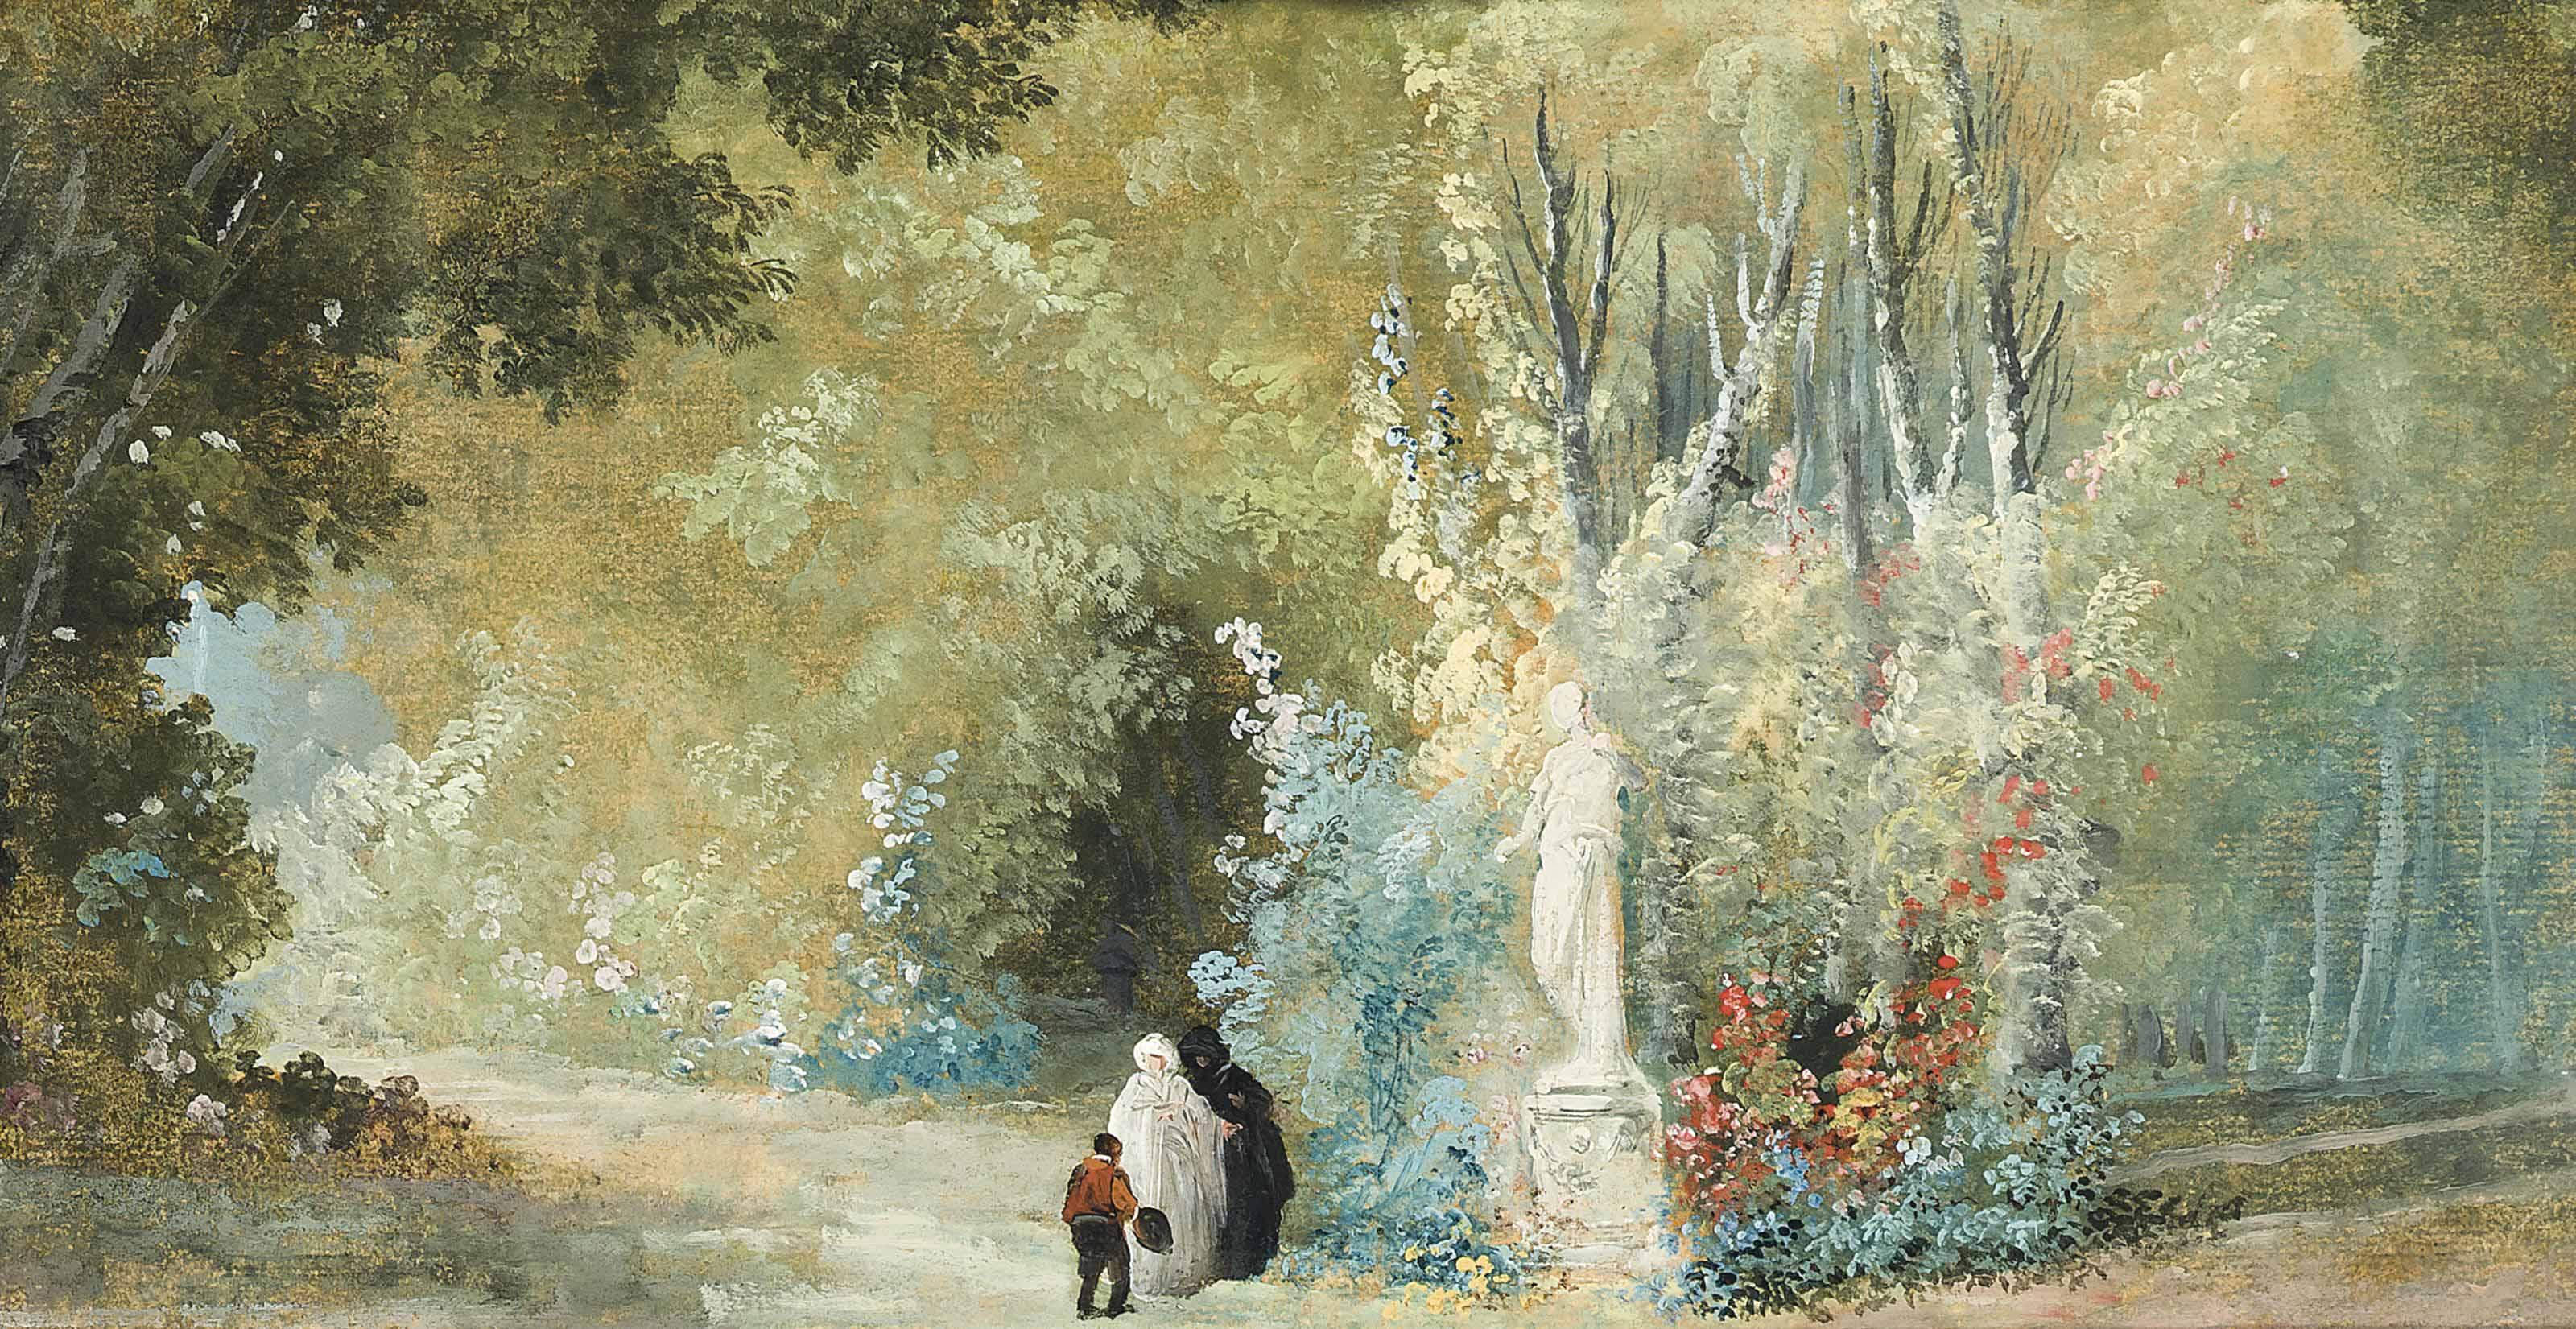 A parkland landscape with elegant figures before a statue